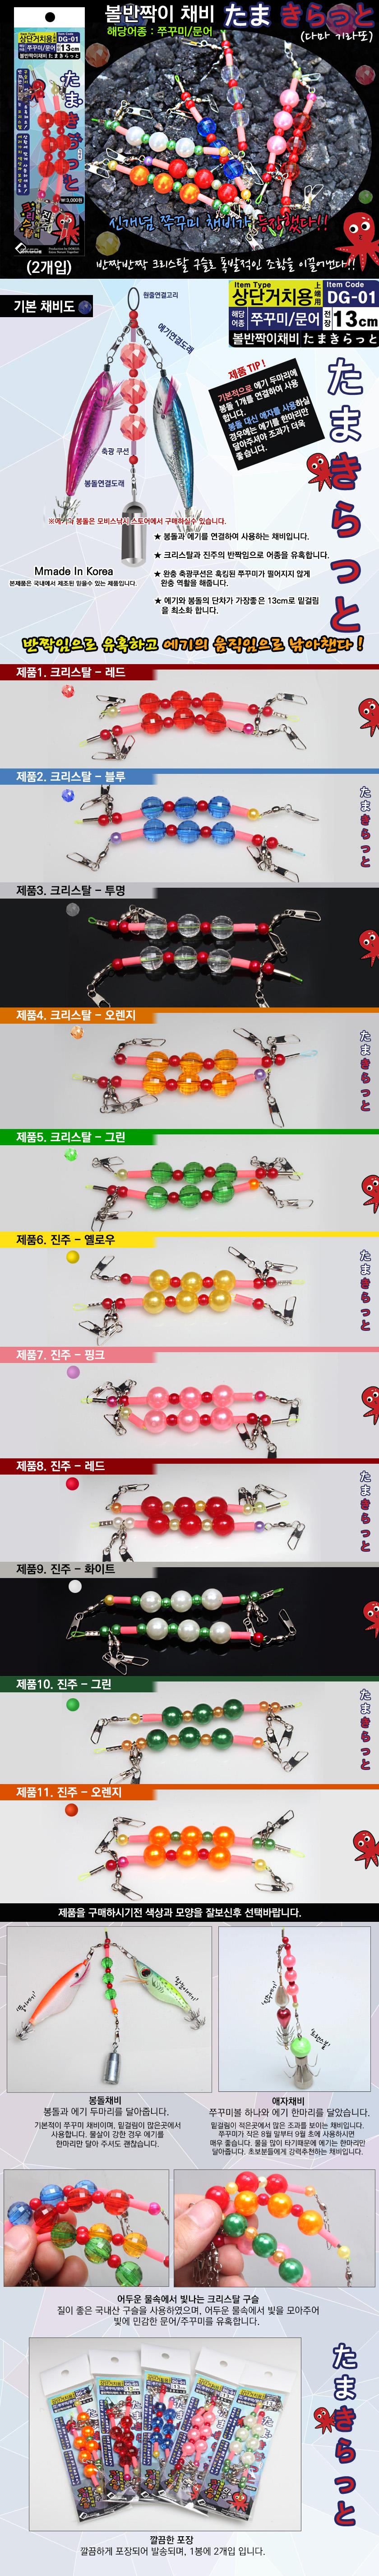 독고 기라또채비 (쭈꾸미,문어채비) (MADE IN KOREA) 쭈꾸미선상 문어선상 쭈꾸미채비 쭈꾸미낚시채비